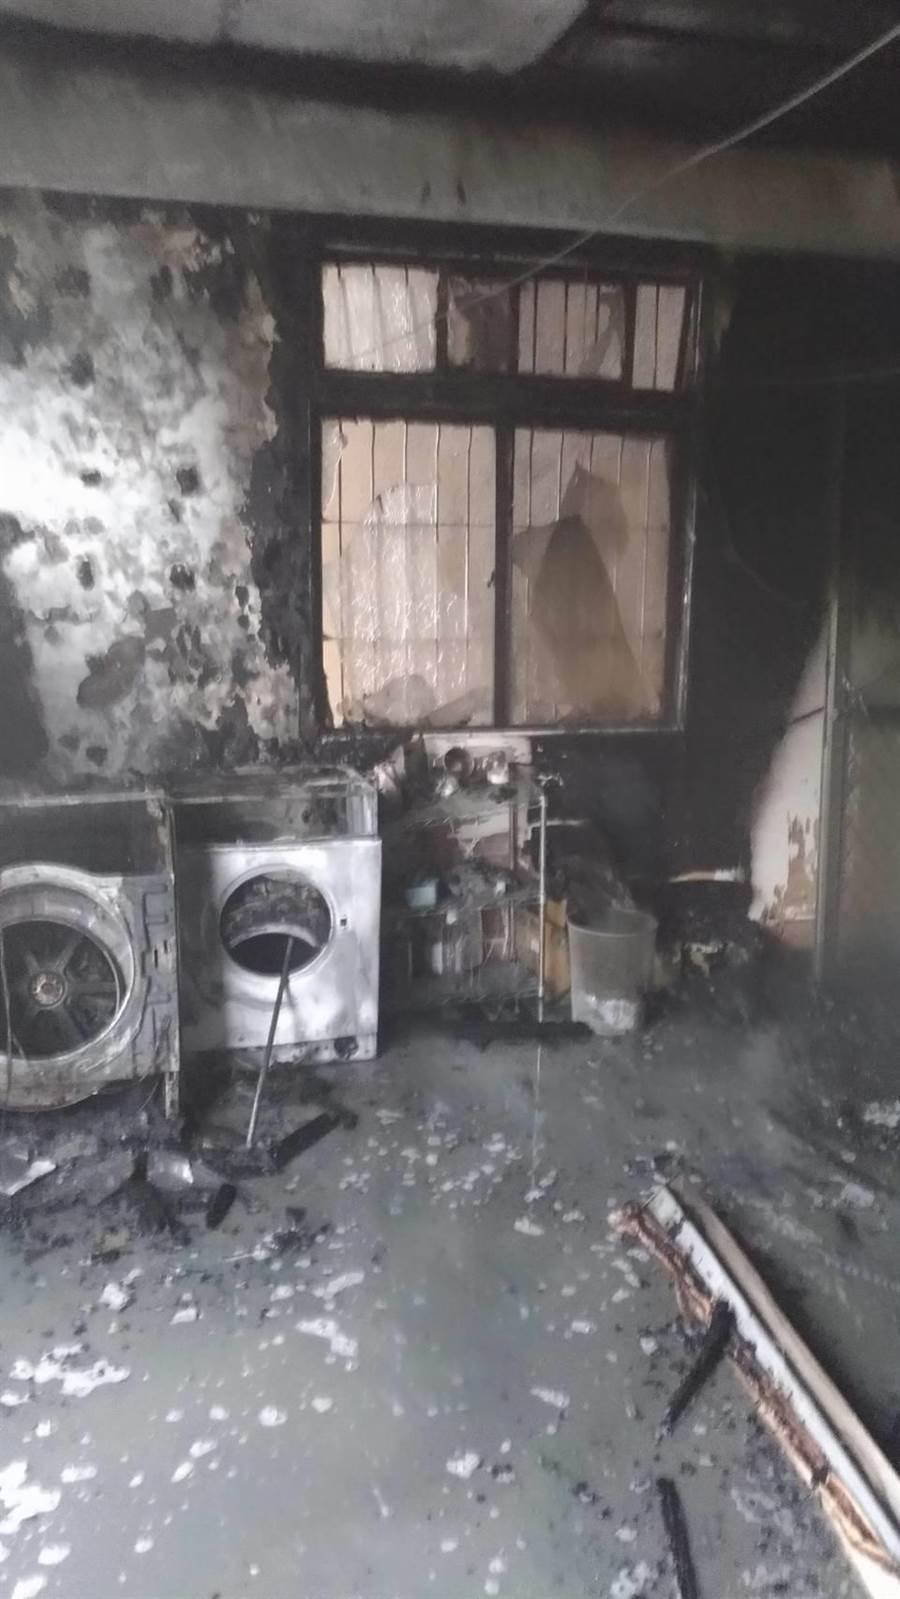 起火的住宅二樓烘衣機及洗衣機幾乎燒到全毀。(馮惠宜翻攝)